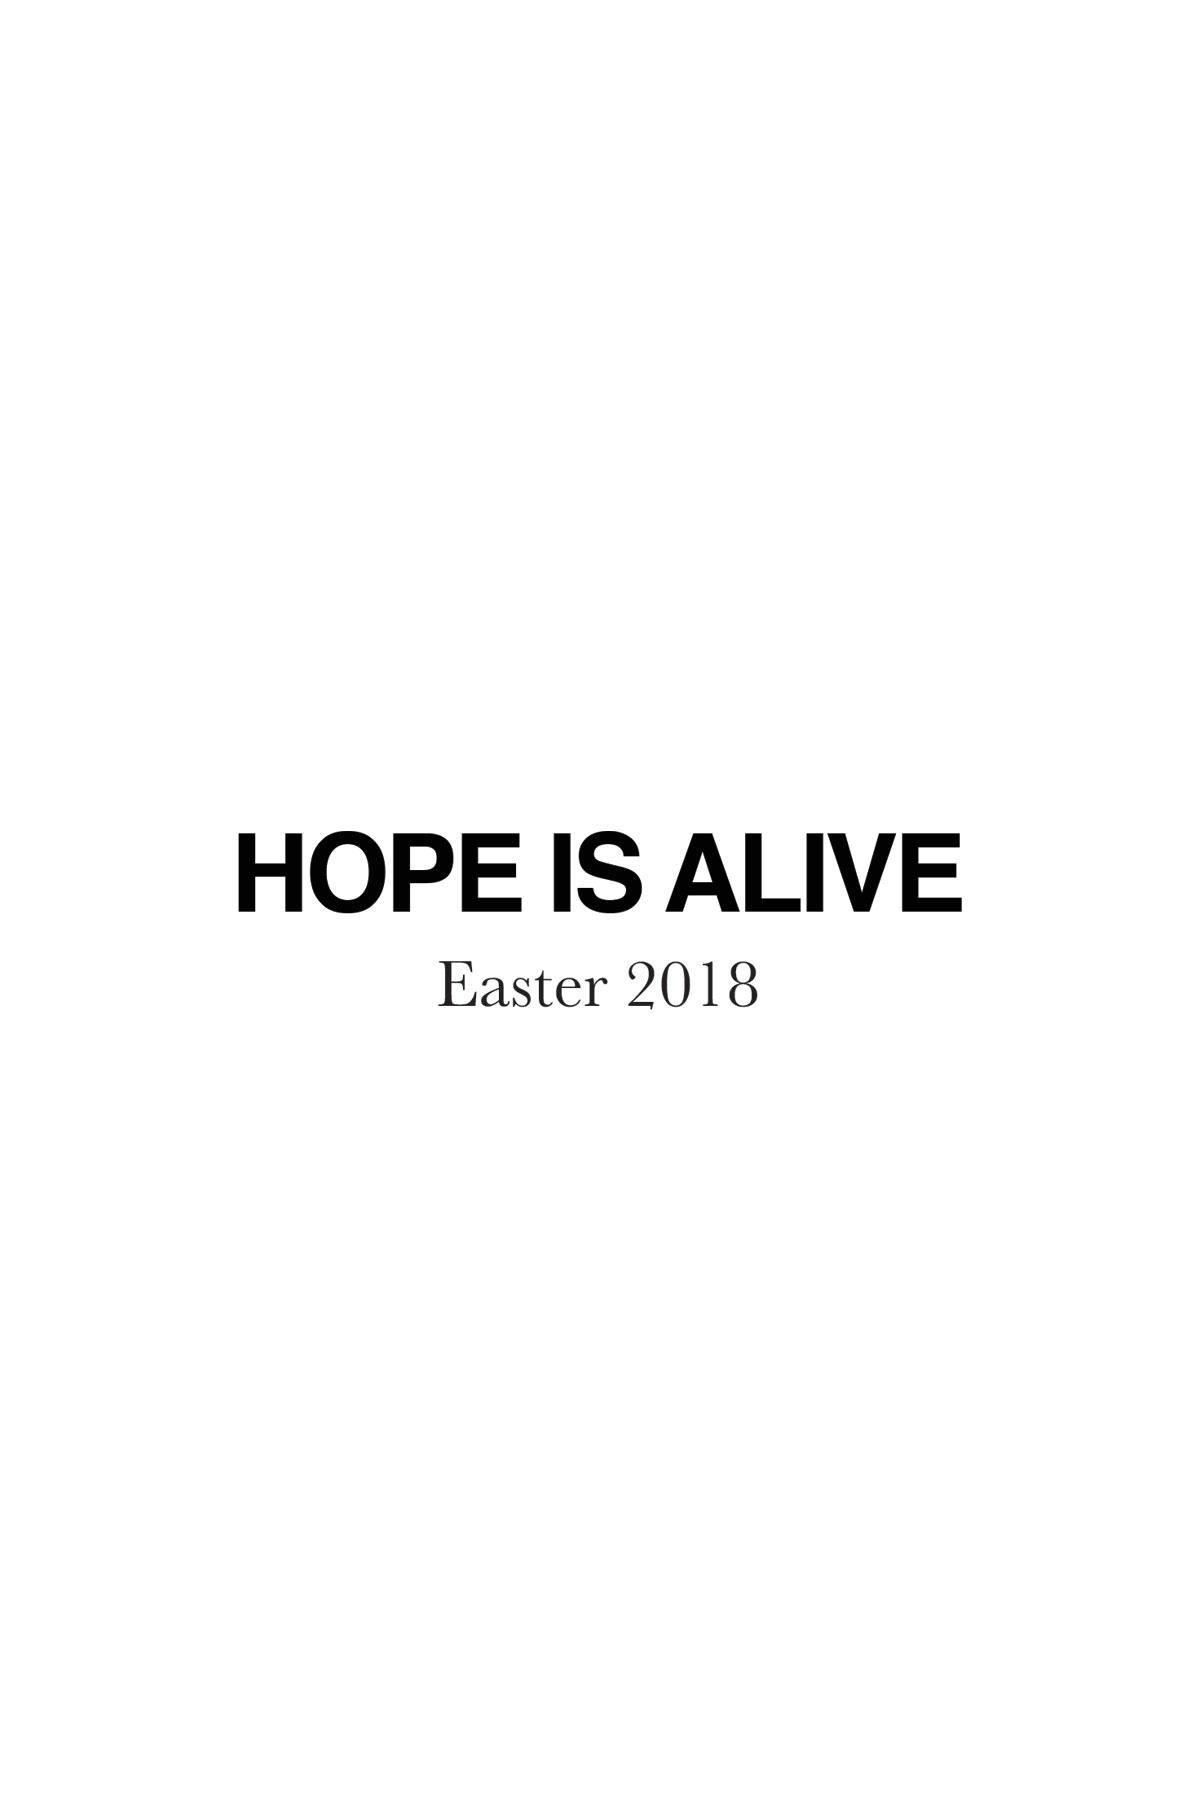 Easter-Card-(2)1.jpg